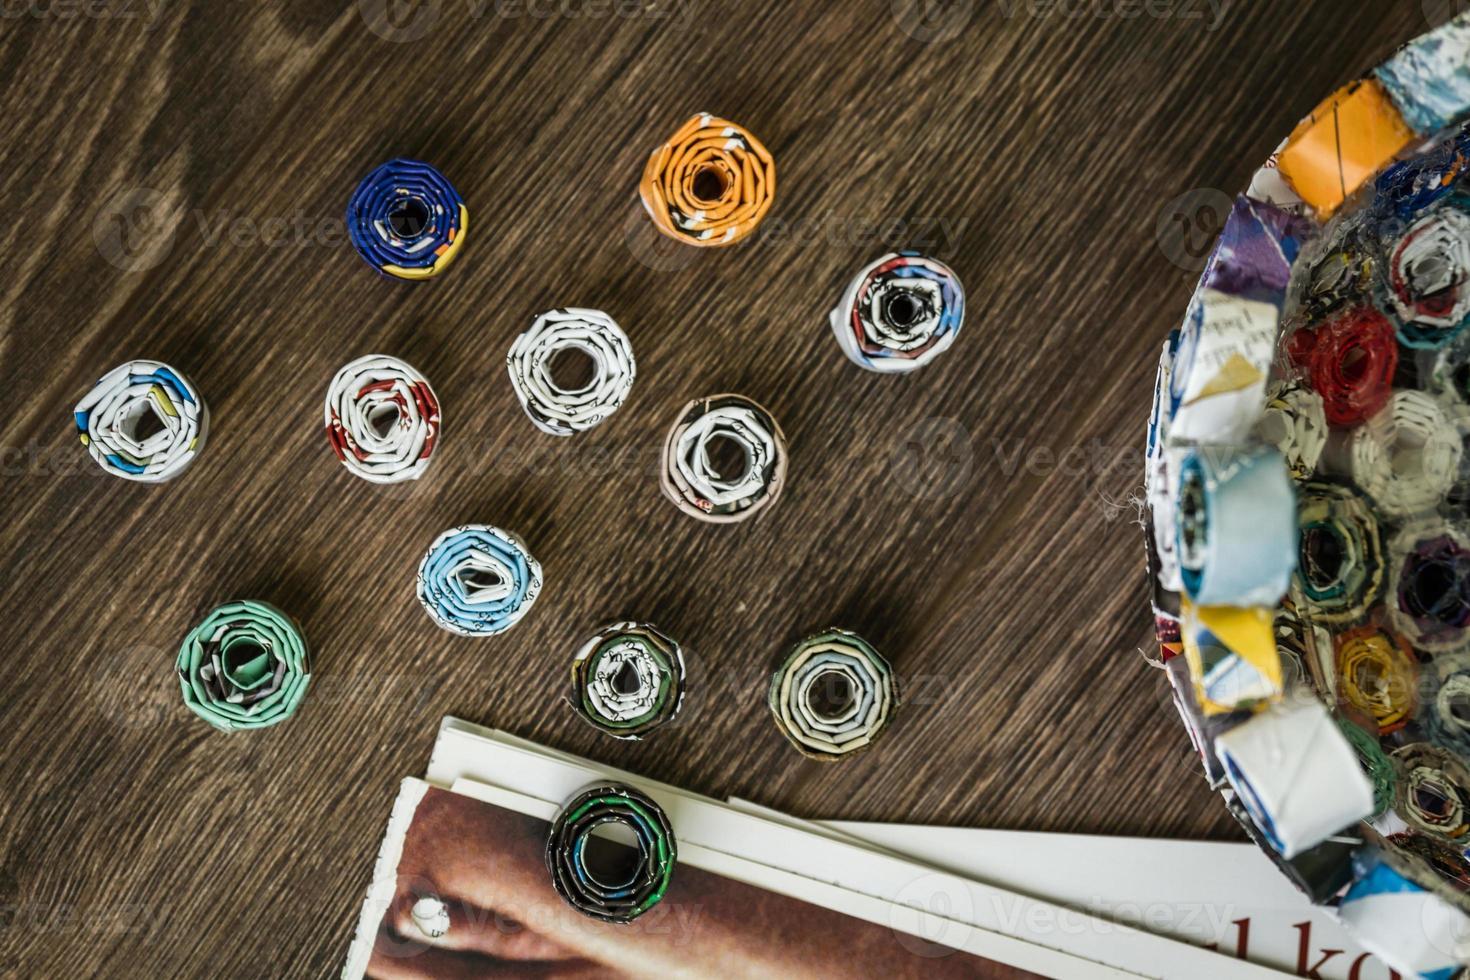 projeto faça você mesmo da revista de resíduos foto